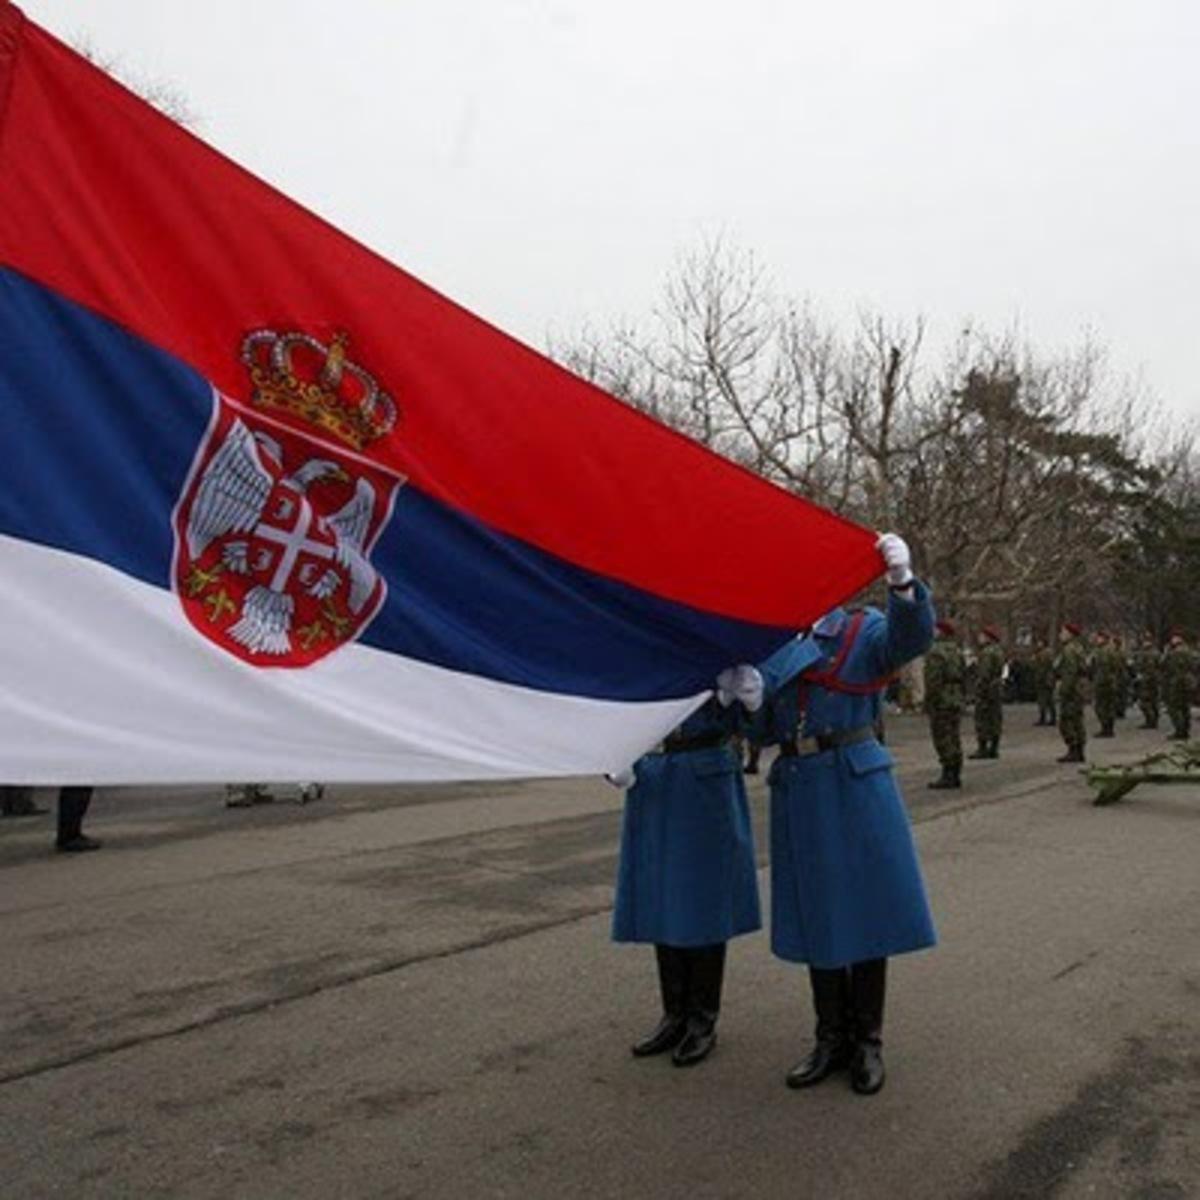 Έκρηξη στη Σερβία – Νεκροί δυο υπαξιωματικοί | Newsit.gr